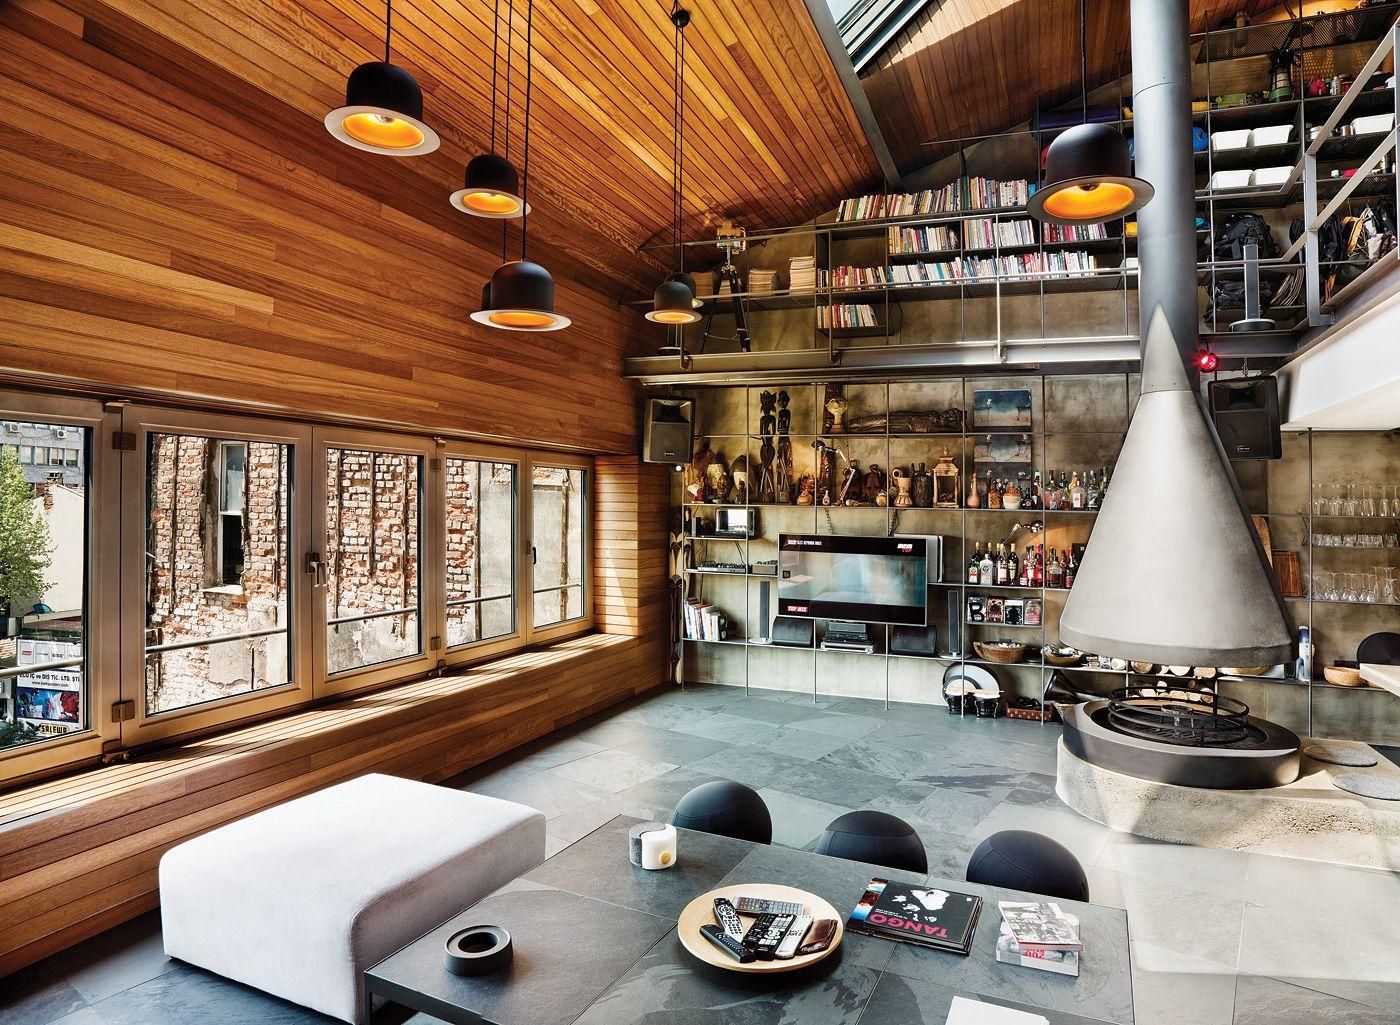 Luxus-Loft in Istanbul | Schwimmbäder, Traumhäuser und Architektur